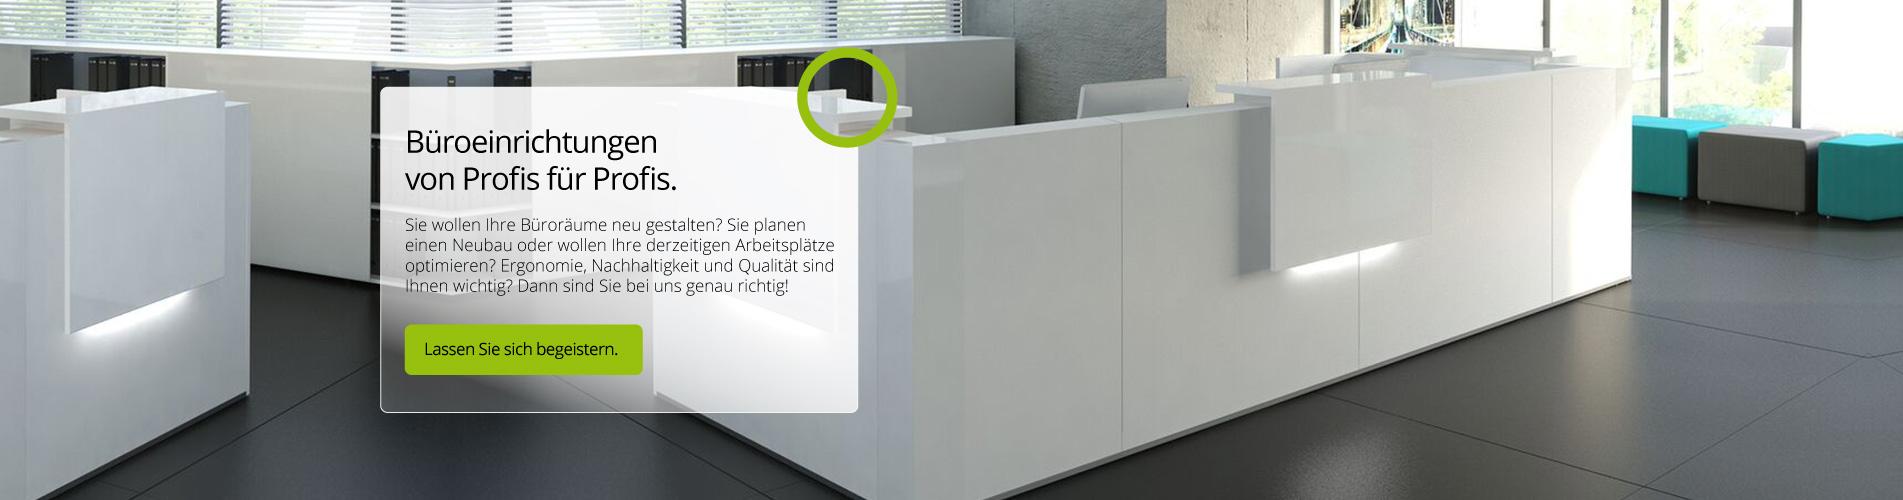 Büroeinrichtung Empfang | kjosy.com